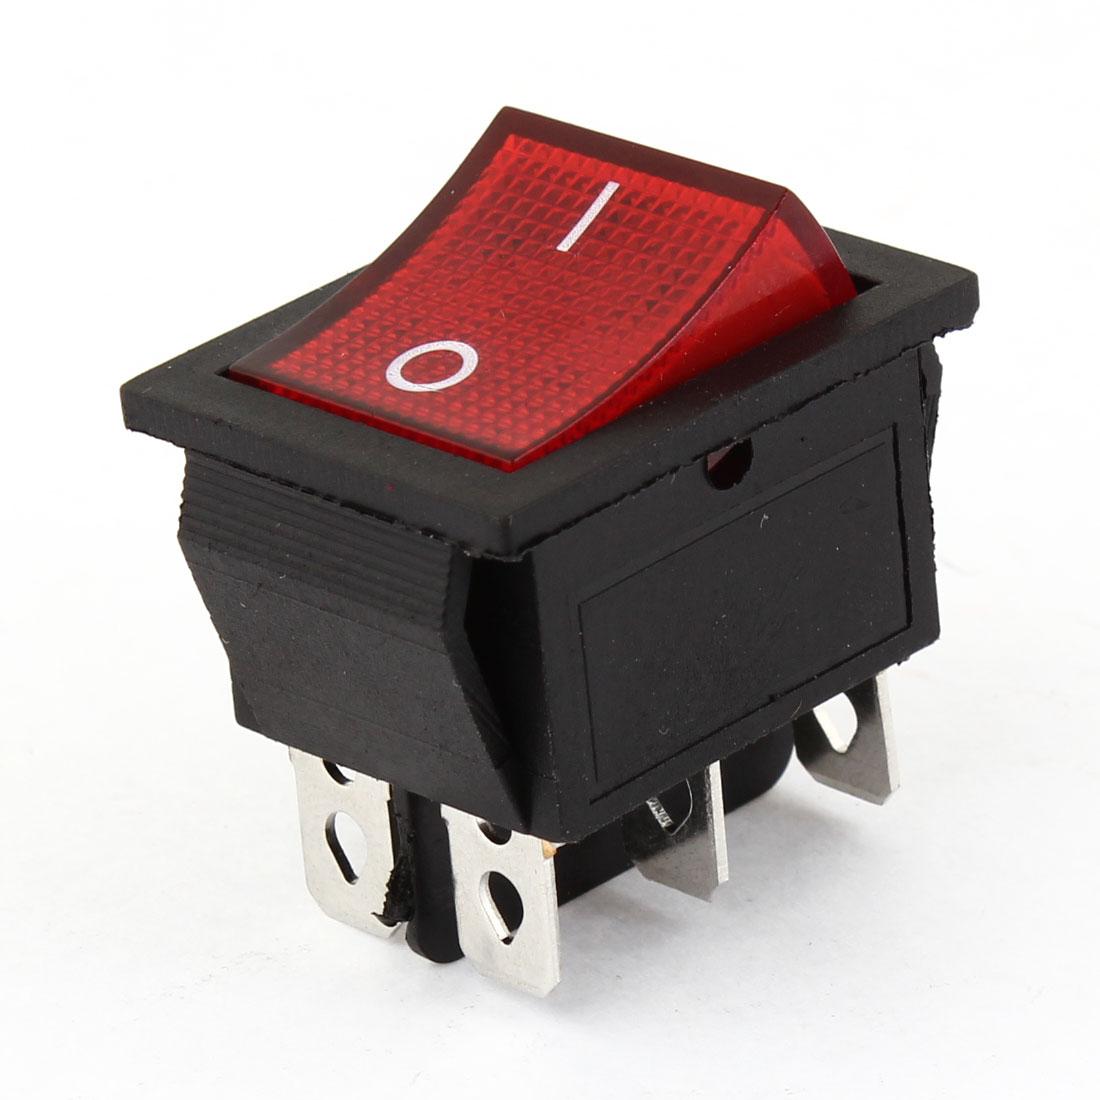 AC 16A/250V 20A/125V Red Lamp 6 Pin DPDT ON-OFF Snap In Boat Rocker Switch